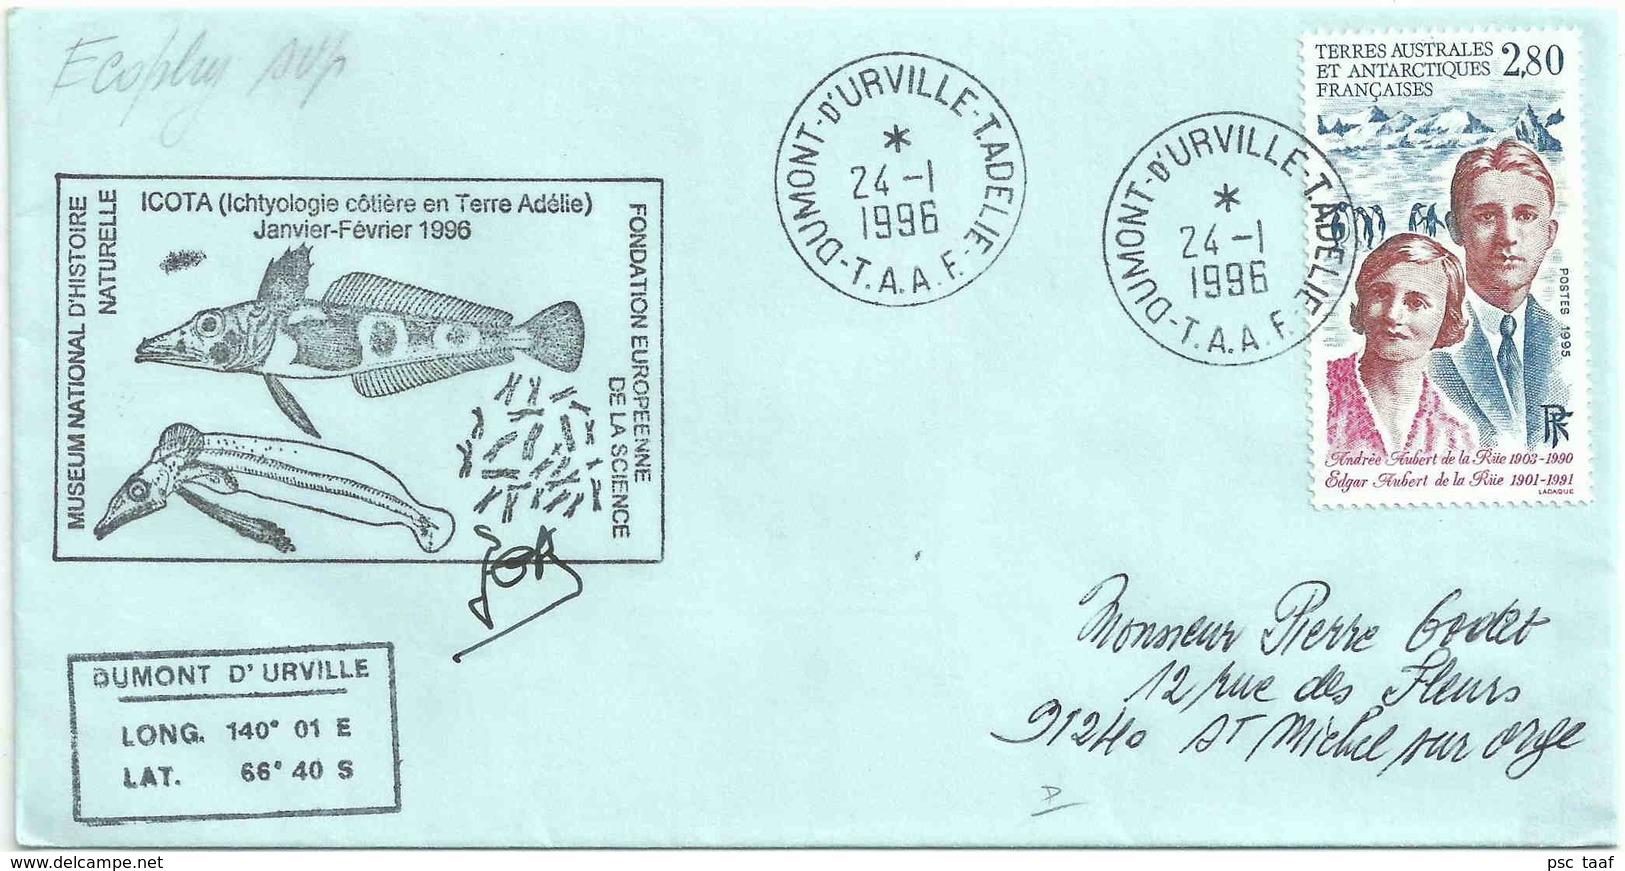 YT 198 - Andrée Et Edgard De La Rüe - Expédition Scientifique En Terre Adélie - Dumont D'Urville - Terres Australes Et Antarctiques Françaises (TAAF)